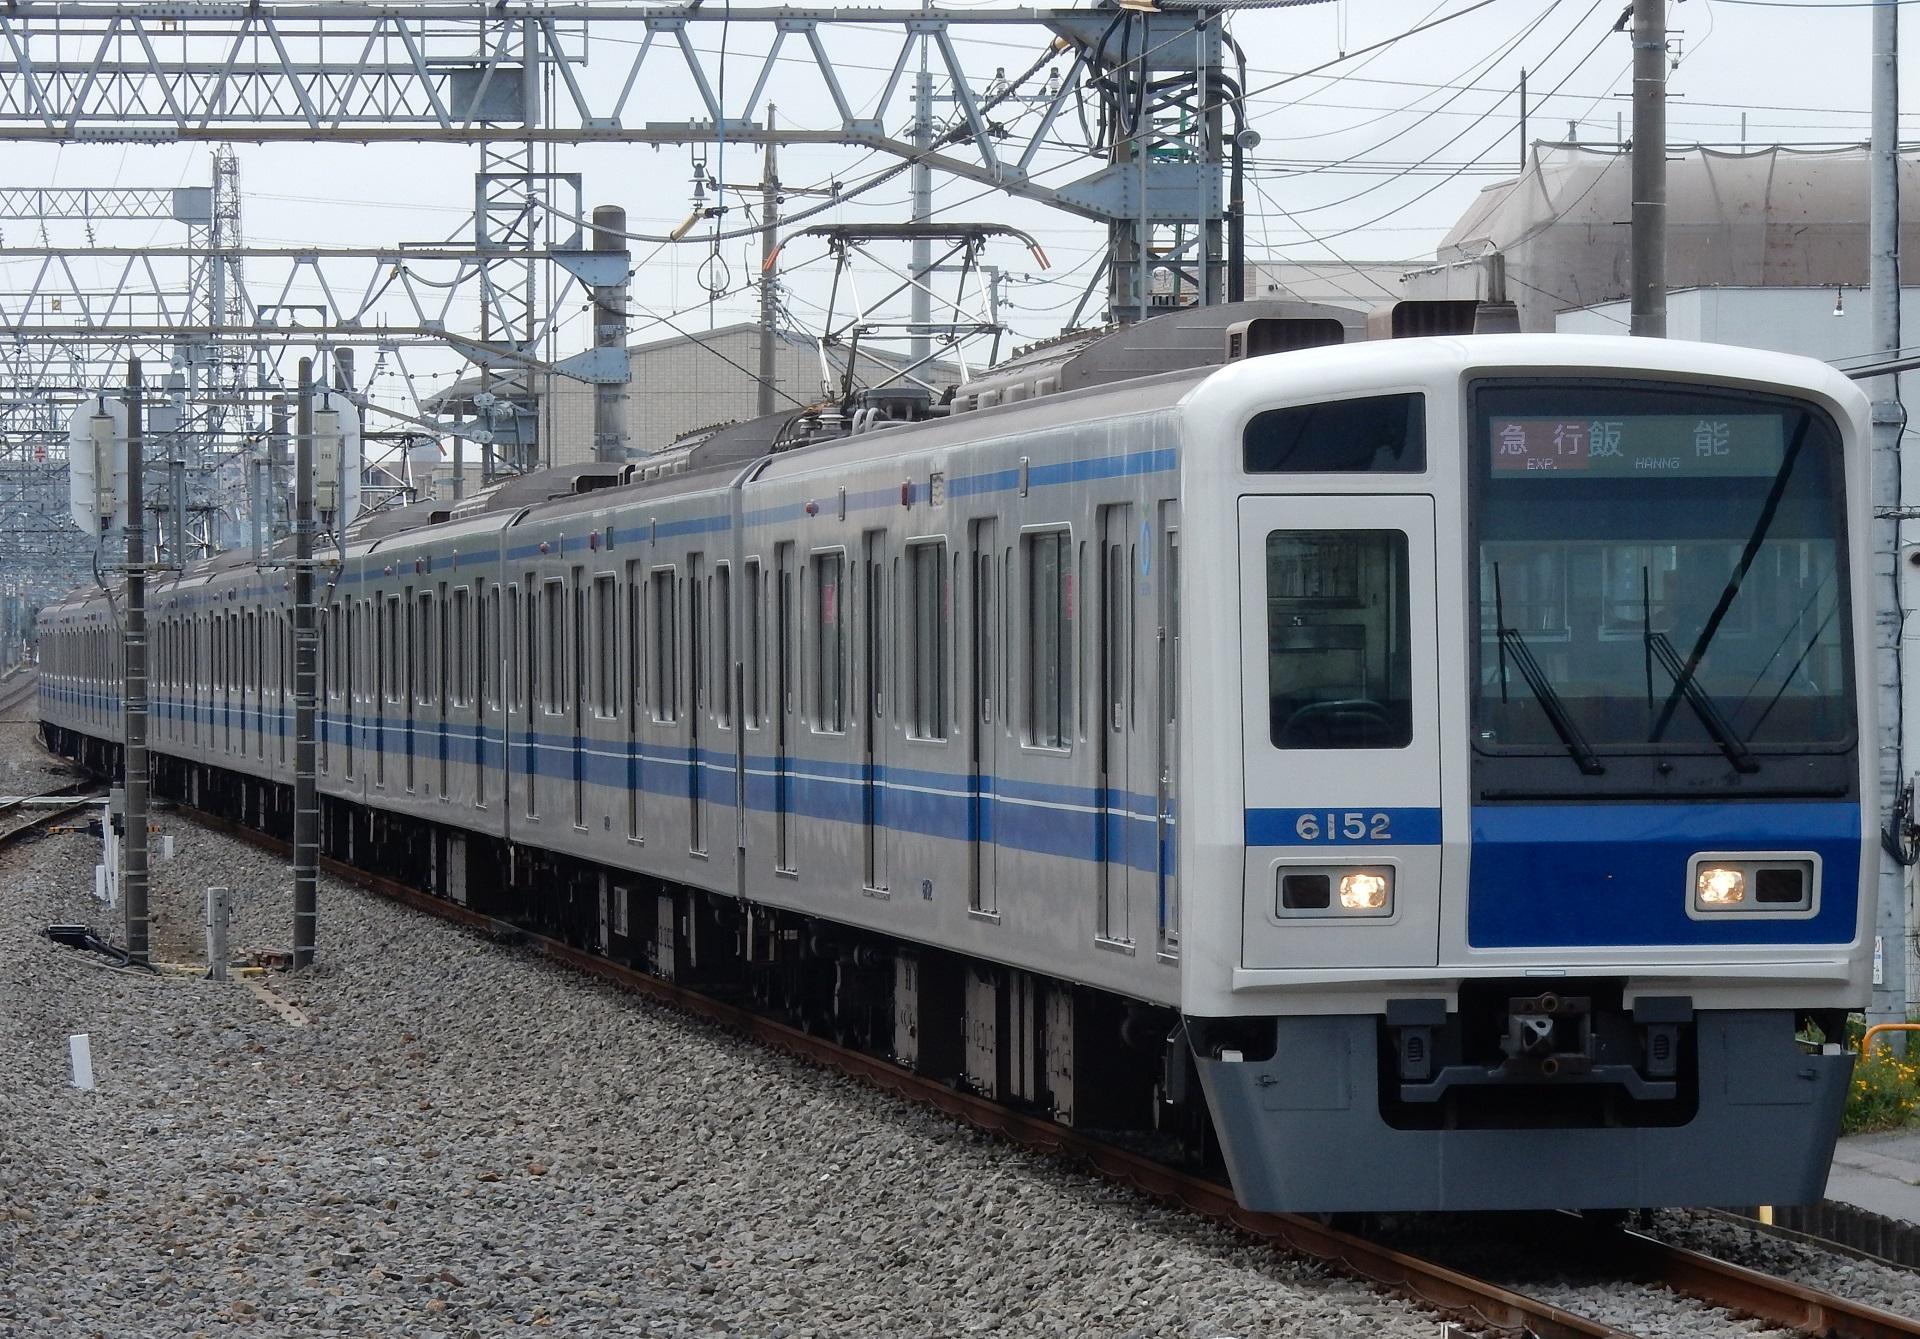 DSCN2648 - コピー